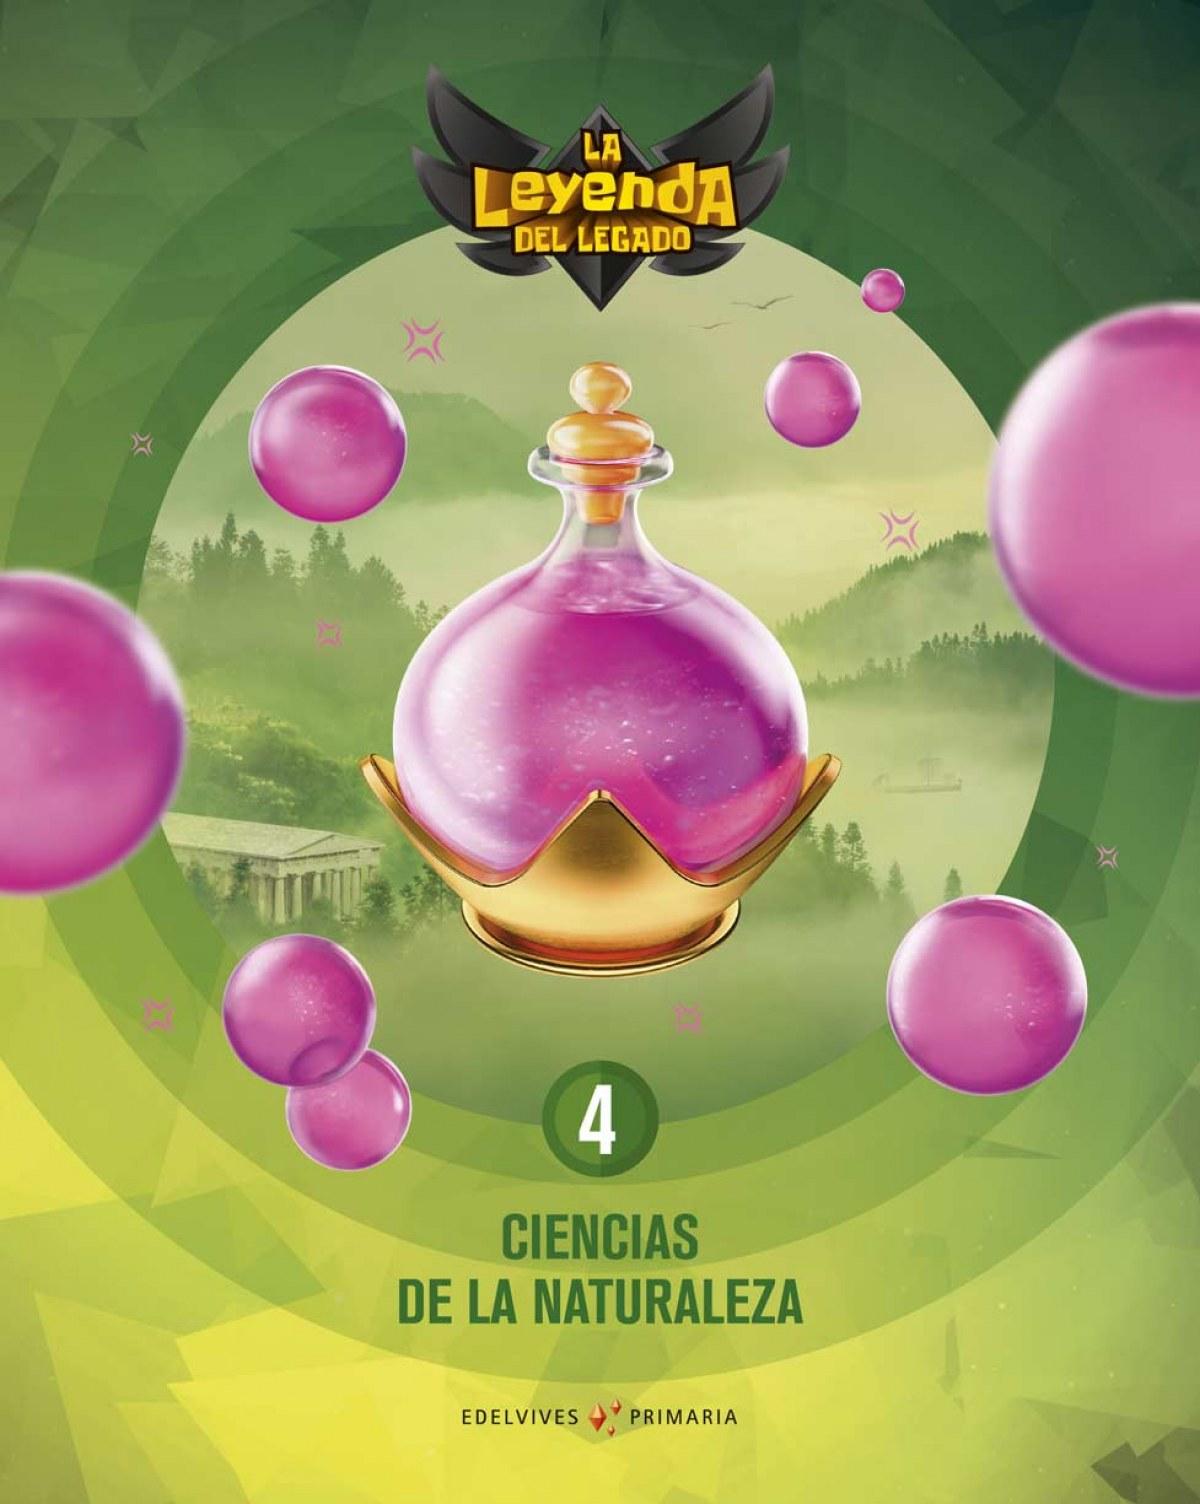 CIENCIAS DE LA NATURALEZA 4o.PRIMARIA. LA LEYENDA DEL LEGADO 2019 9788414020128